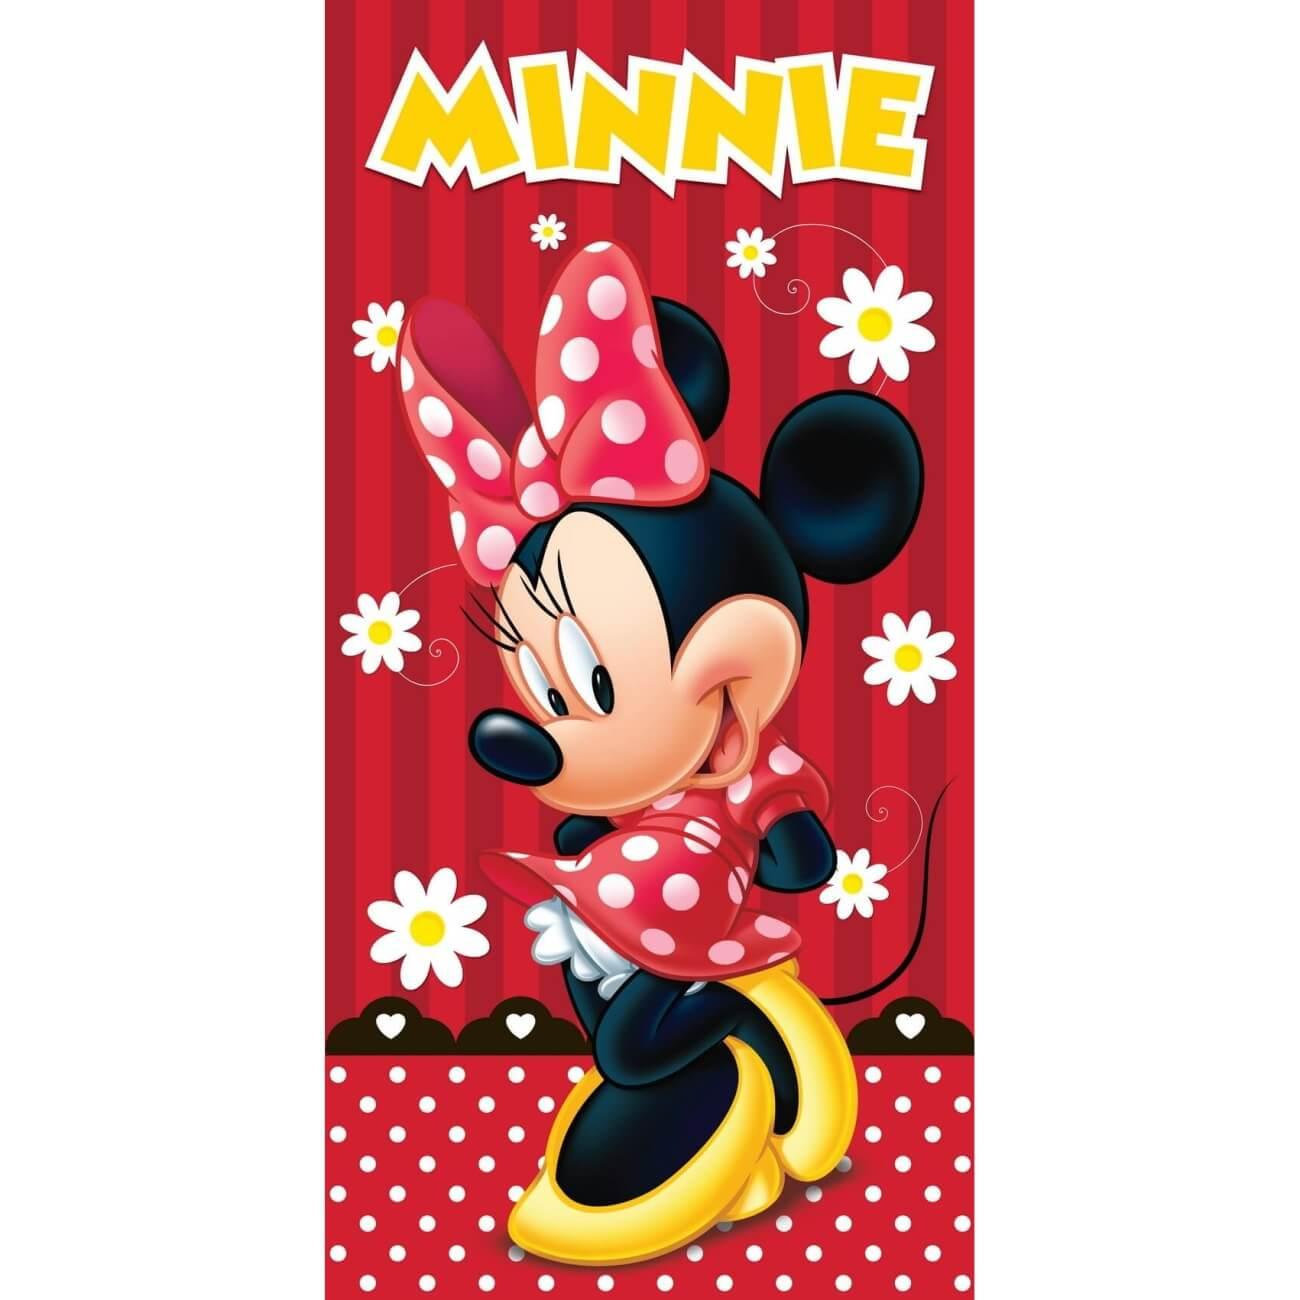 Minnie red plážová osuška, rozměr 75 x 150cm